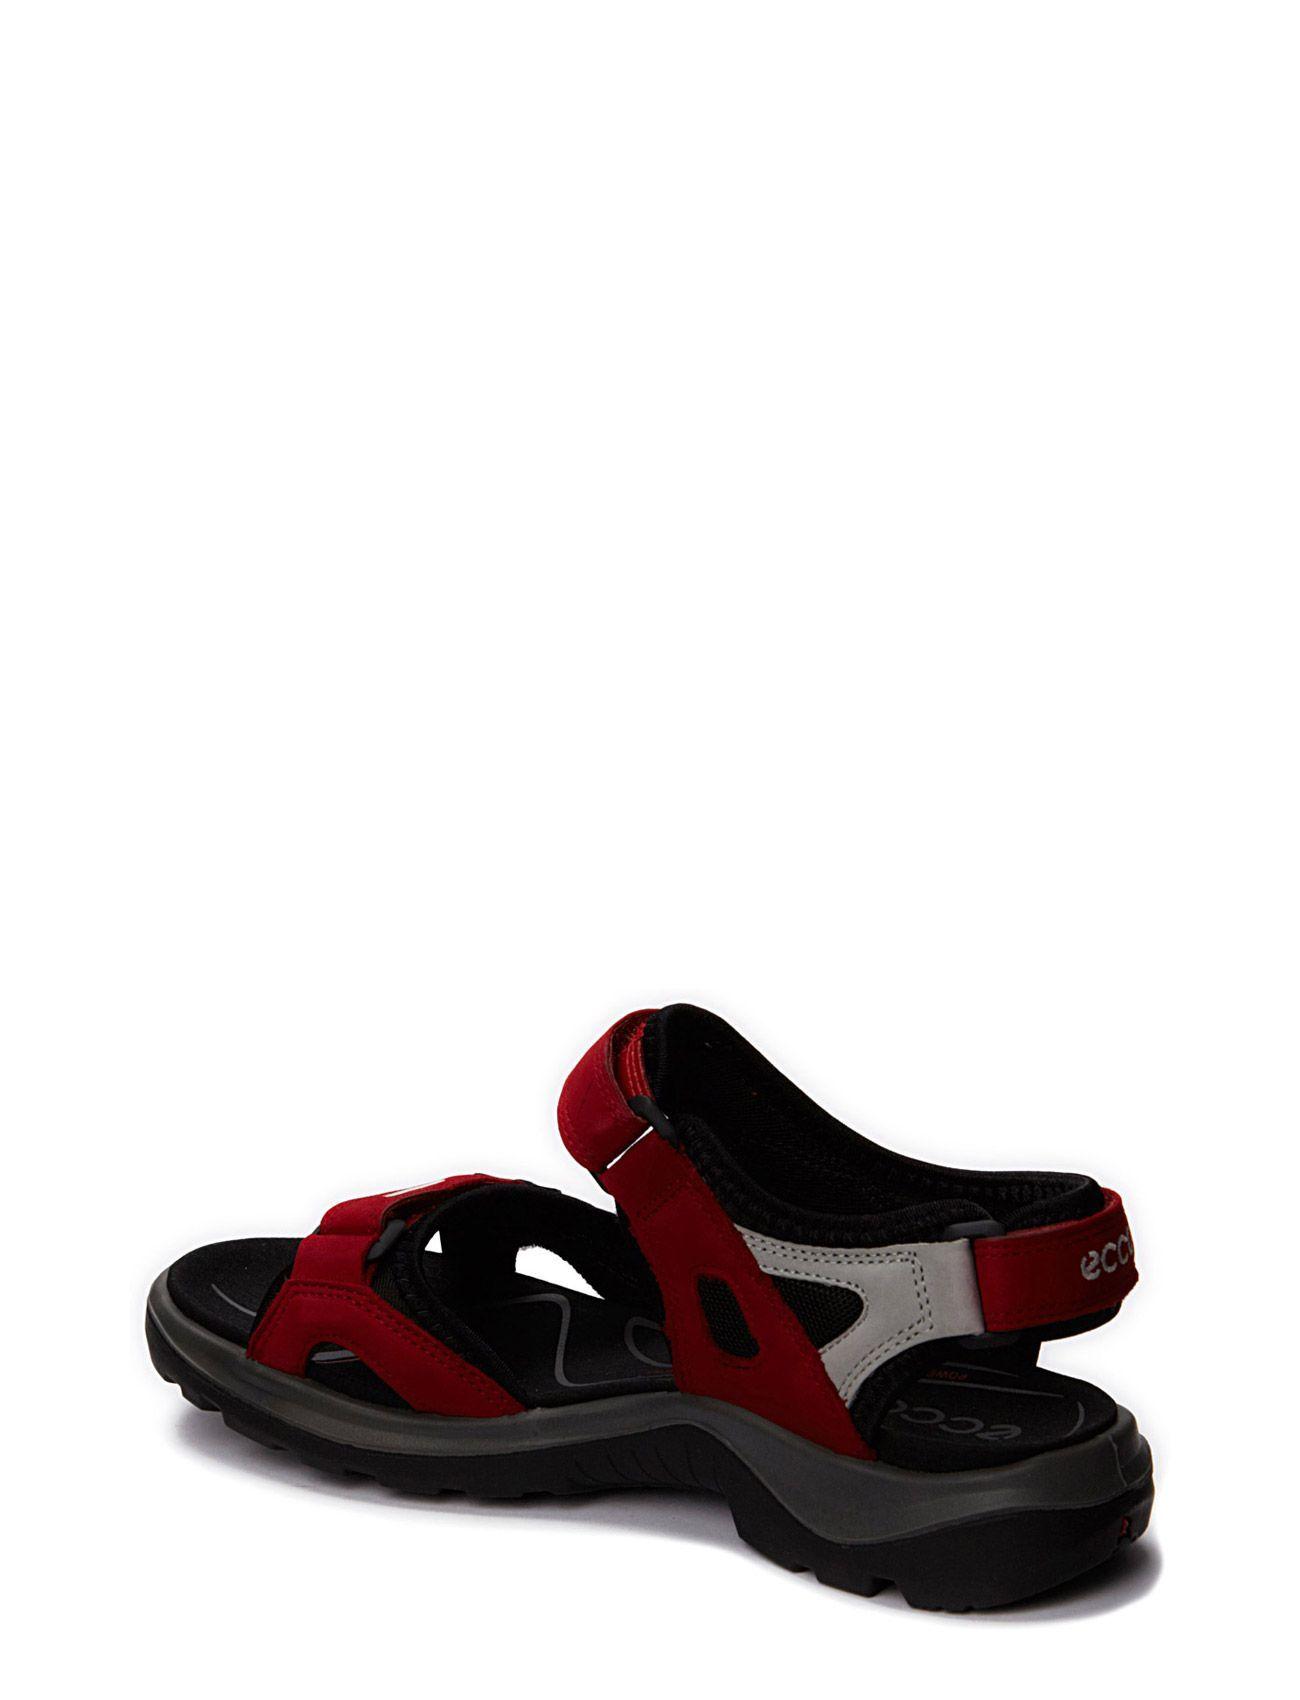 ECCO - OFFROAD - sandales - chili red/concrete/black - 1